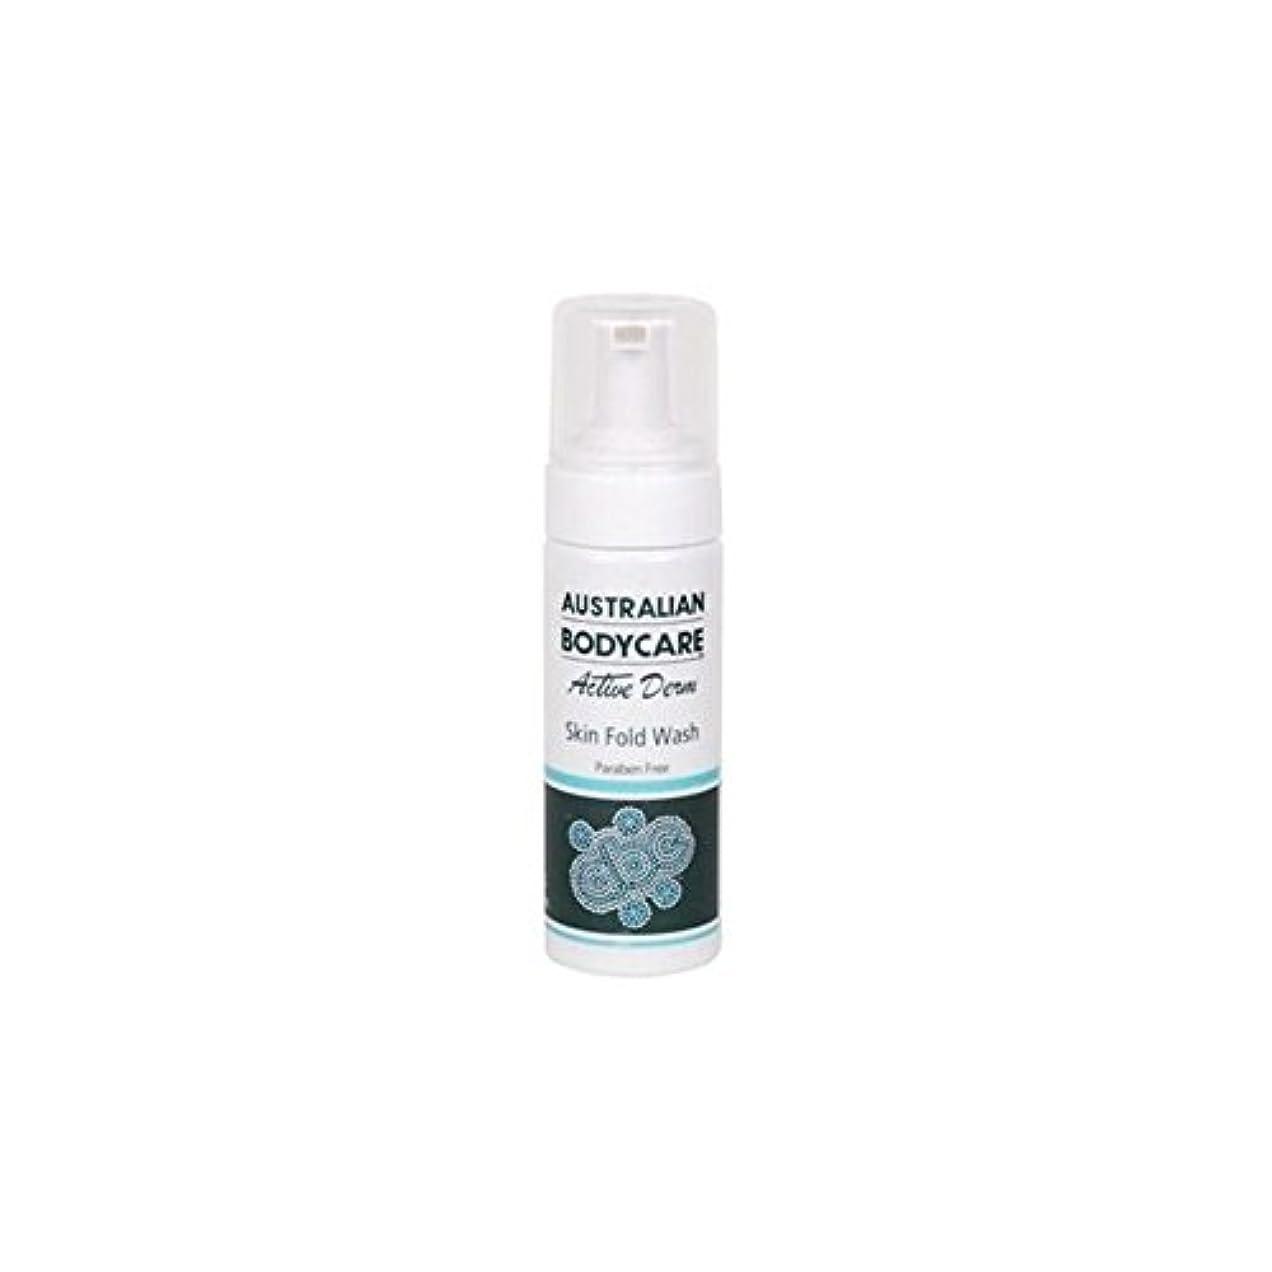 オンス母とまり木Australian Bodycare Active Derm Skin Fold Wash (150ml) - オーストラリアのボディケアアクティブダームの皮膚のひだの洗浄(150ミリリットル) [並行輸入品]